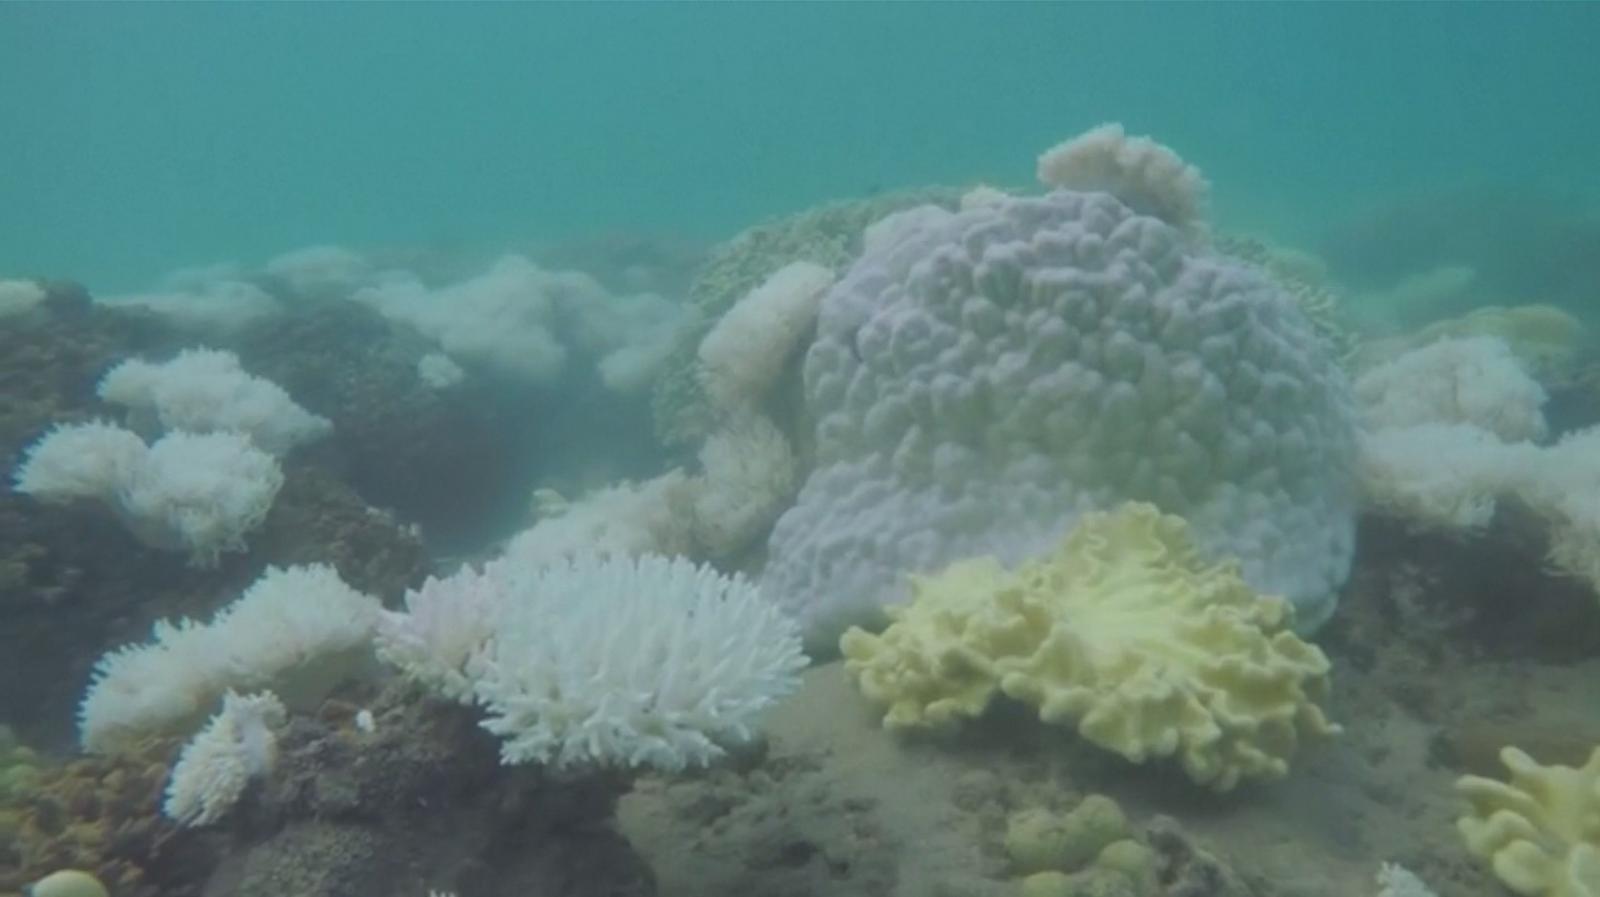 นักวิทย์ฯ ห่วงปลาดาวระบาดกินปะการังเกรตแบร์ริเออร์รีฟ